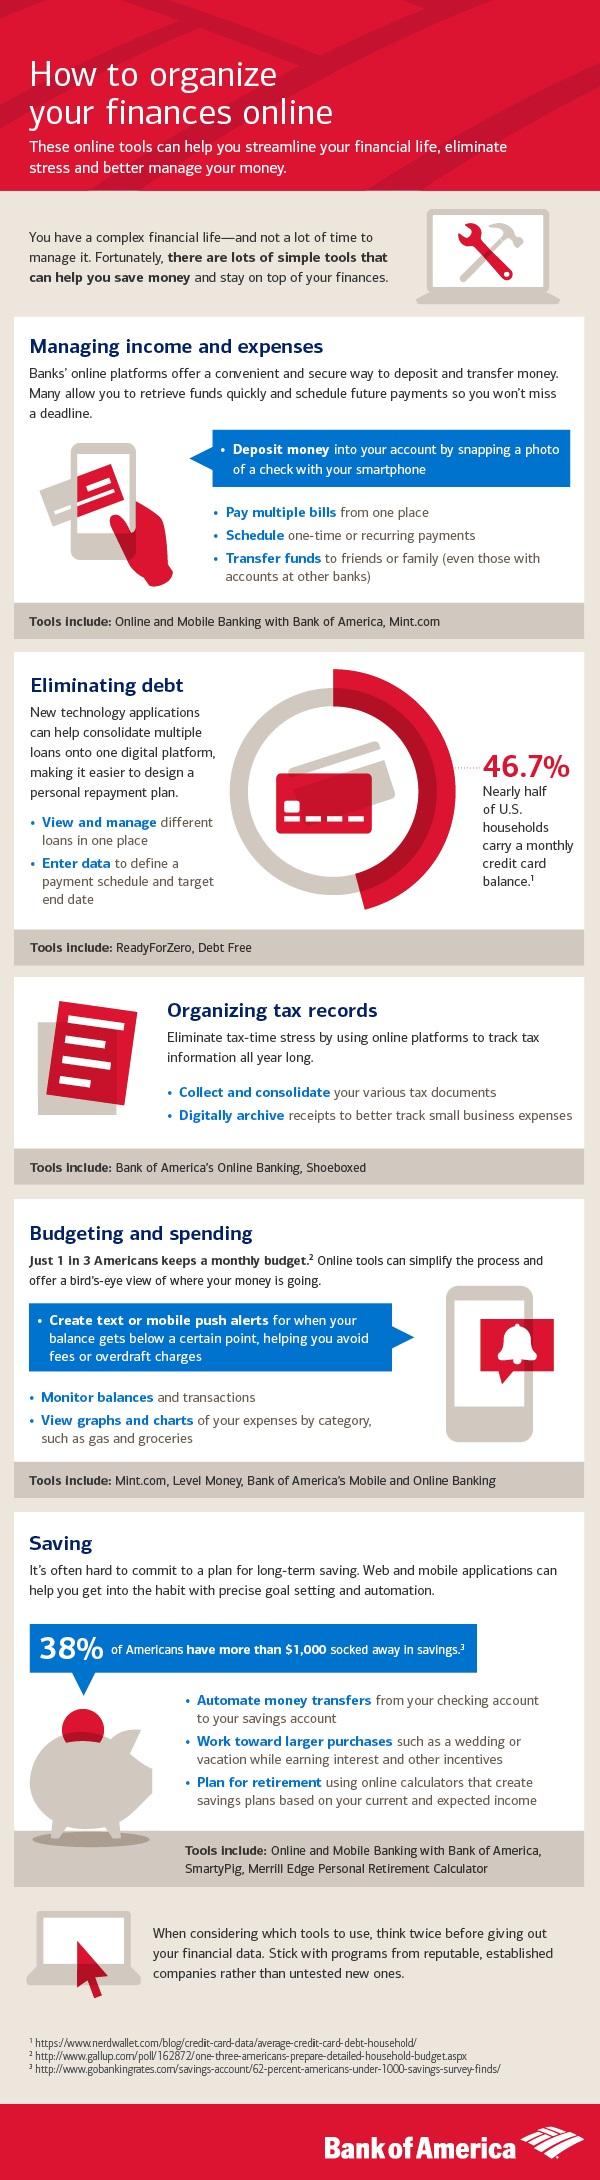 Understanding Online Personal Finance